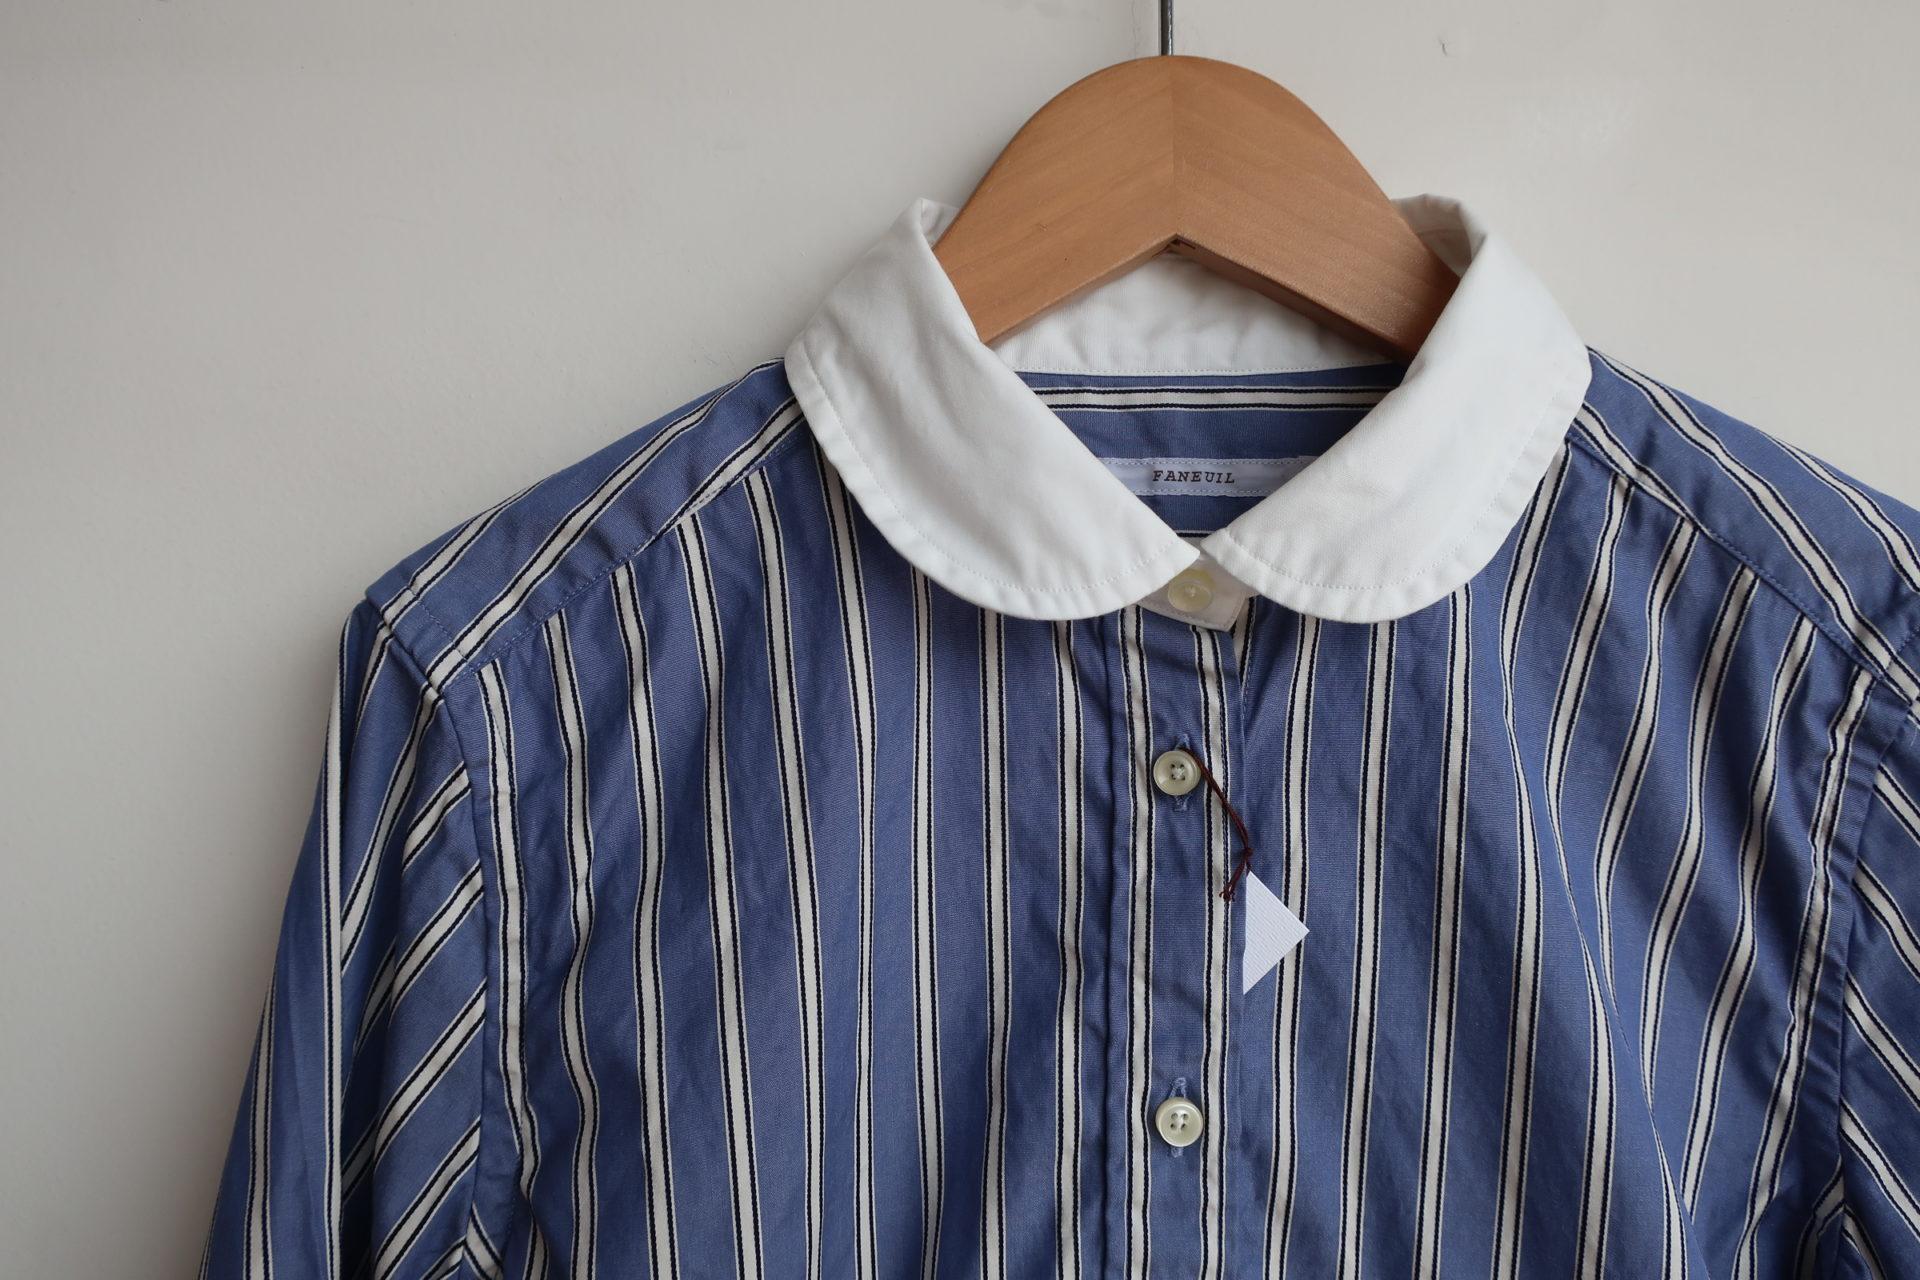 faneuil ストライプラウンドチップカラーシャツ(sold out)